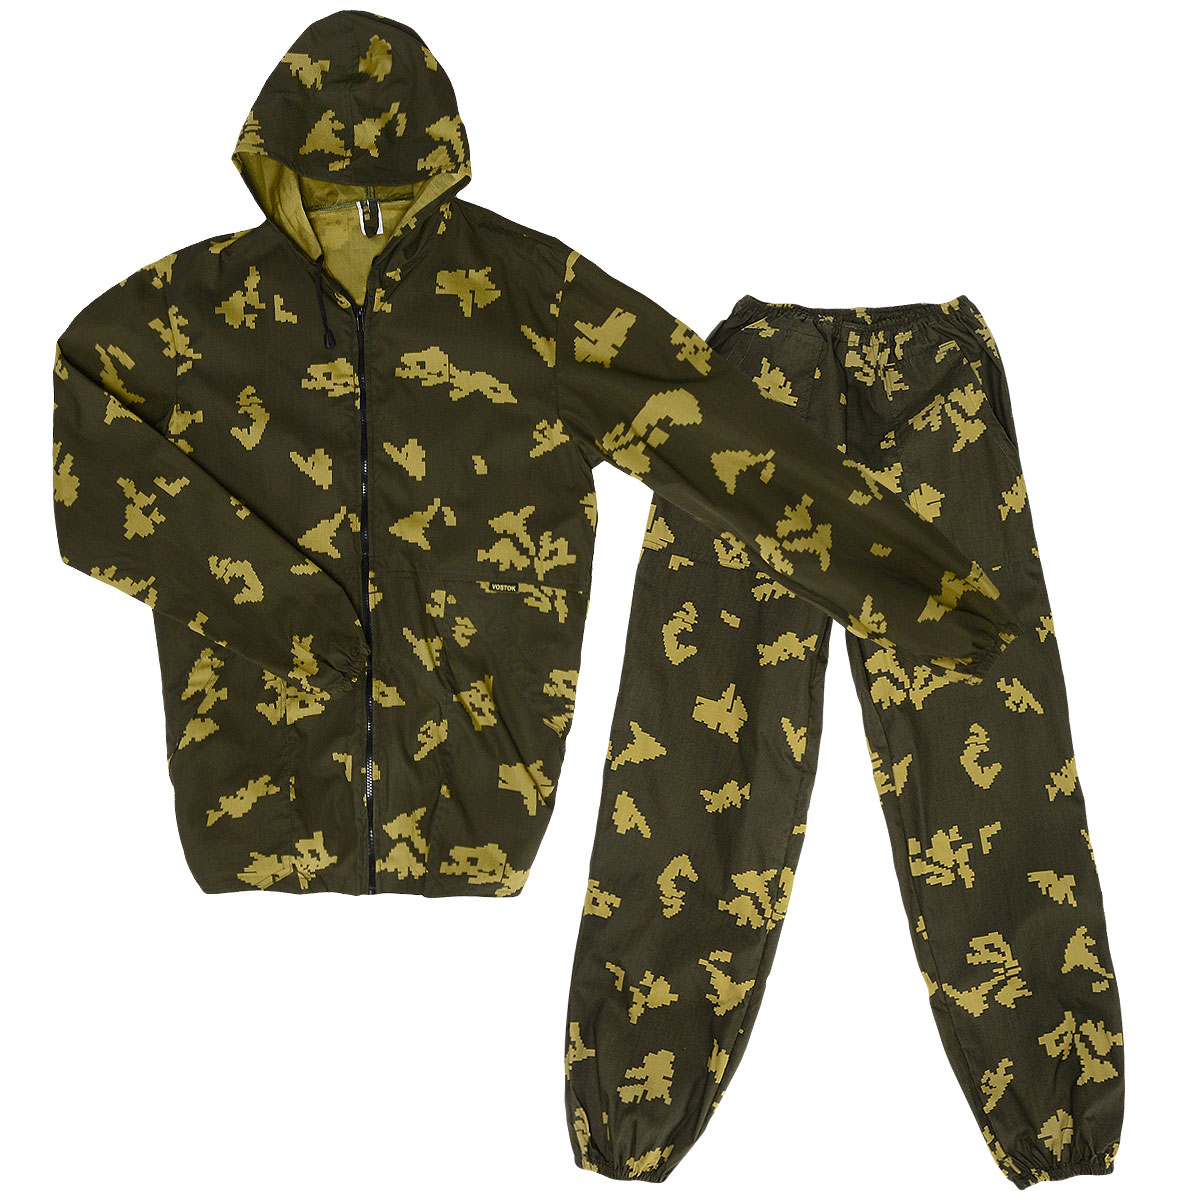 Костюм маскировочный мужской Снайпер, цвет: хаки. VSN-P. Размер 56-58VSN-PКостюм маскировочный мужской Norfin Снайпер, состоящий из куртки и брюк, - отличный костюм для любого отдыха в жаркую погоду, в том числе активного (от +12 до +25°С). Прочный материал благодаря хлопку дышит, а полиэстер дает прочность. Куртка свободного кроя с капюшоном застегивается по всей длине на пластиковую застежку-молнию. Капюшон не отстегивается и дополнен скрытым шнурком. Низ рукавов и низ изделия дополнены внутренней эластичной резинкой. Спереди модель дополнена двумя накладными карманами под планкой. На левом рукаве также предусмотрен накладной карман с клапаном на липучке. Брюки свободного кроя на талии дополнены эластичным поясом со скрытым шнурком. Низ брючин дополнен внутренней резинкой. Спереди предусмотрены два вместительных накладных кармана. Костюм выполнен в маскировочной расцветке «Пограничник».УВАЖАЕМЫЕ КЛИЕНТЫ!Обращаем ваше внимание, что костюм поставляется в двух оттенках цвета хаки. Оба варианта оттенка представлены на фото. Поставка осуществляется в зависимости от наличия на складе.